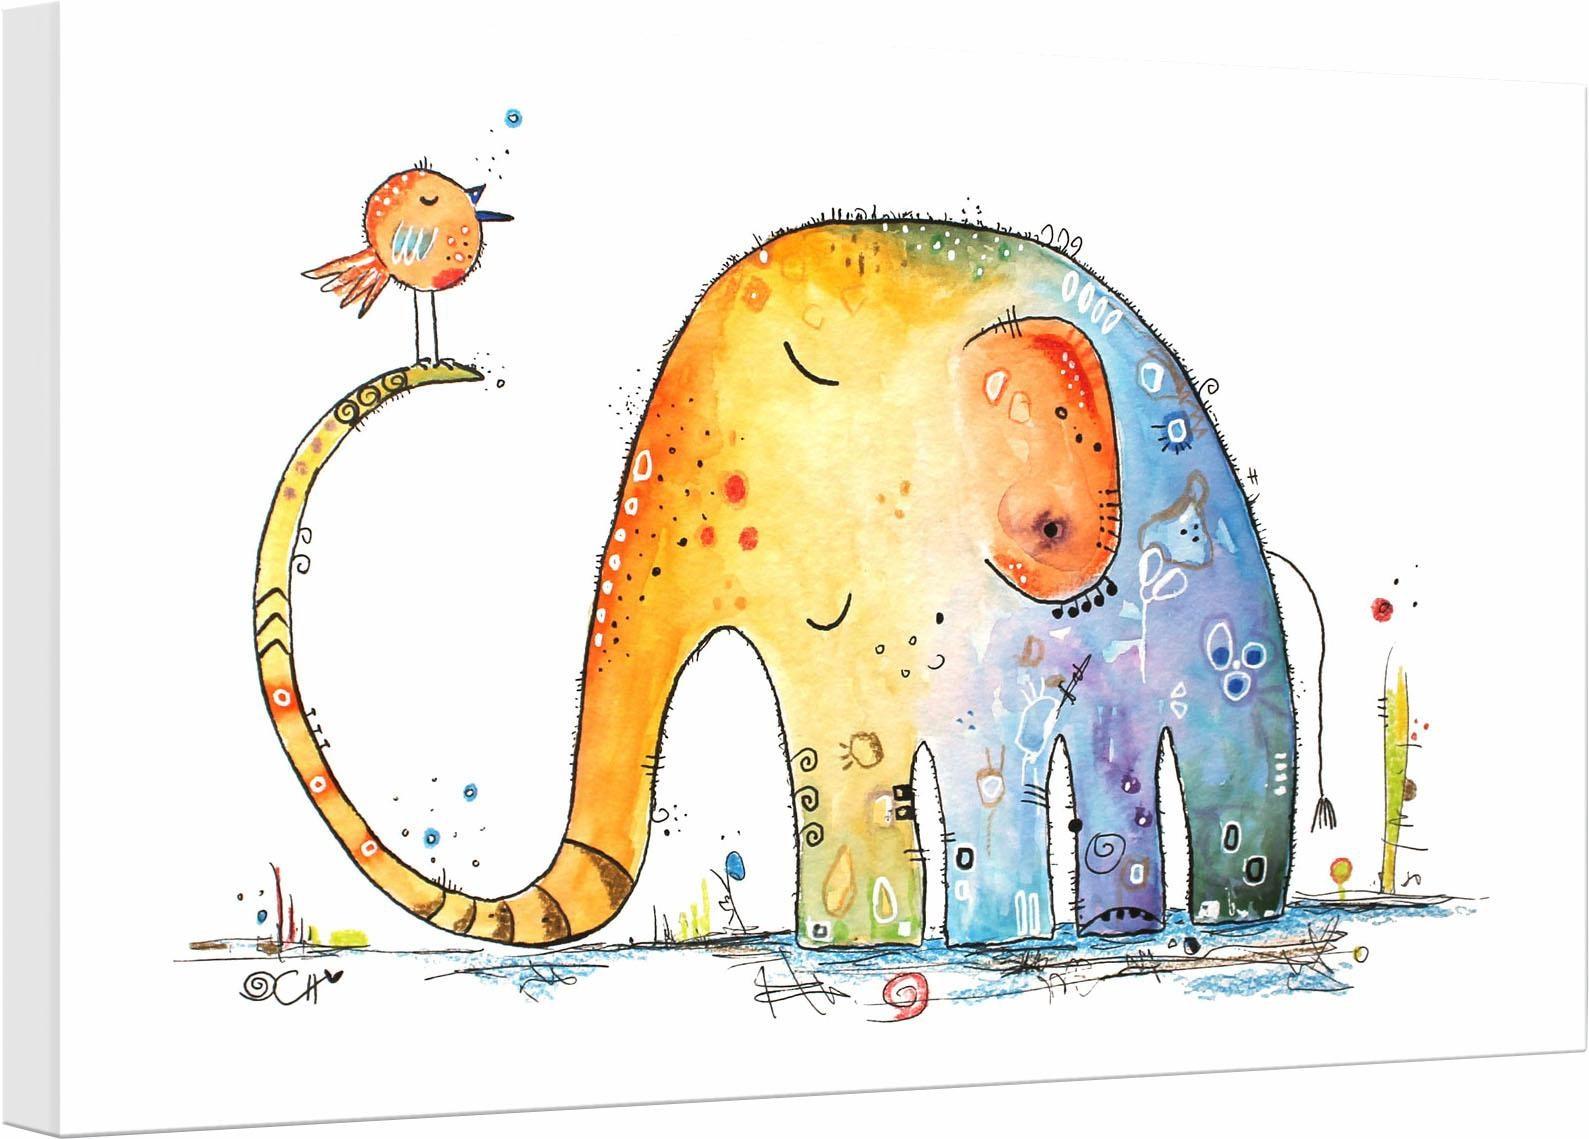 Leinwandbild Hagenmeyer - Elefant mit Vogel Elefant Wohnen/Accessoires & Leuchten/Wohnaccessoires/Bilder & Bilderrahmen/Leinwandbilder